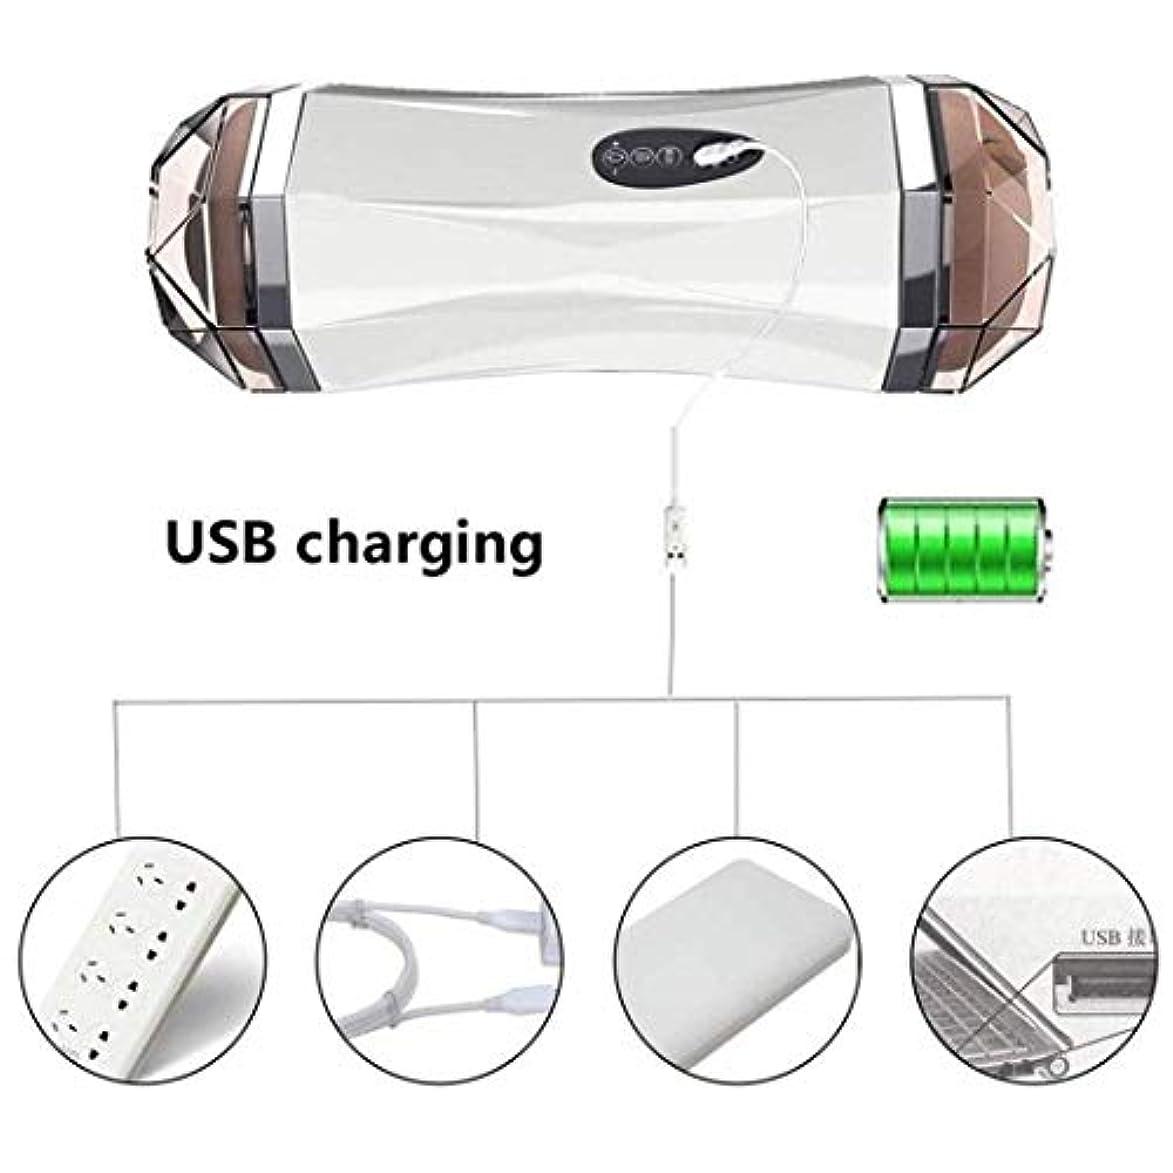 カウント縮れたティームMCAZMSG USB Rechargable Handheld Body Massager for Pain Relief and Muscle Relaxation、Promo、Blood Circulation Massager